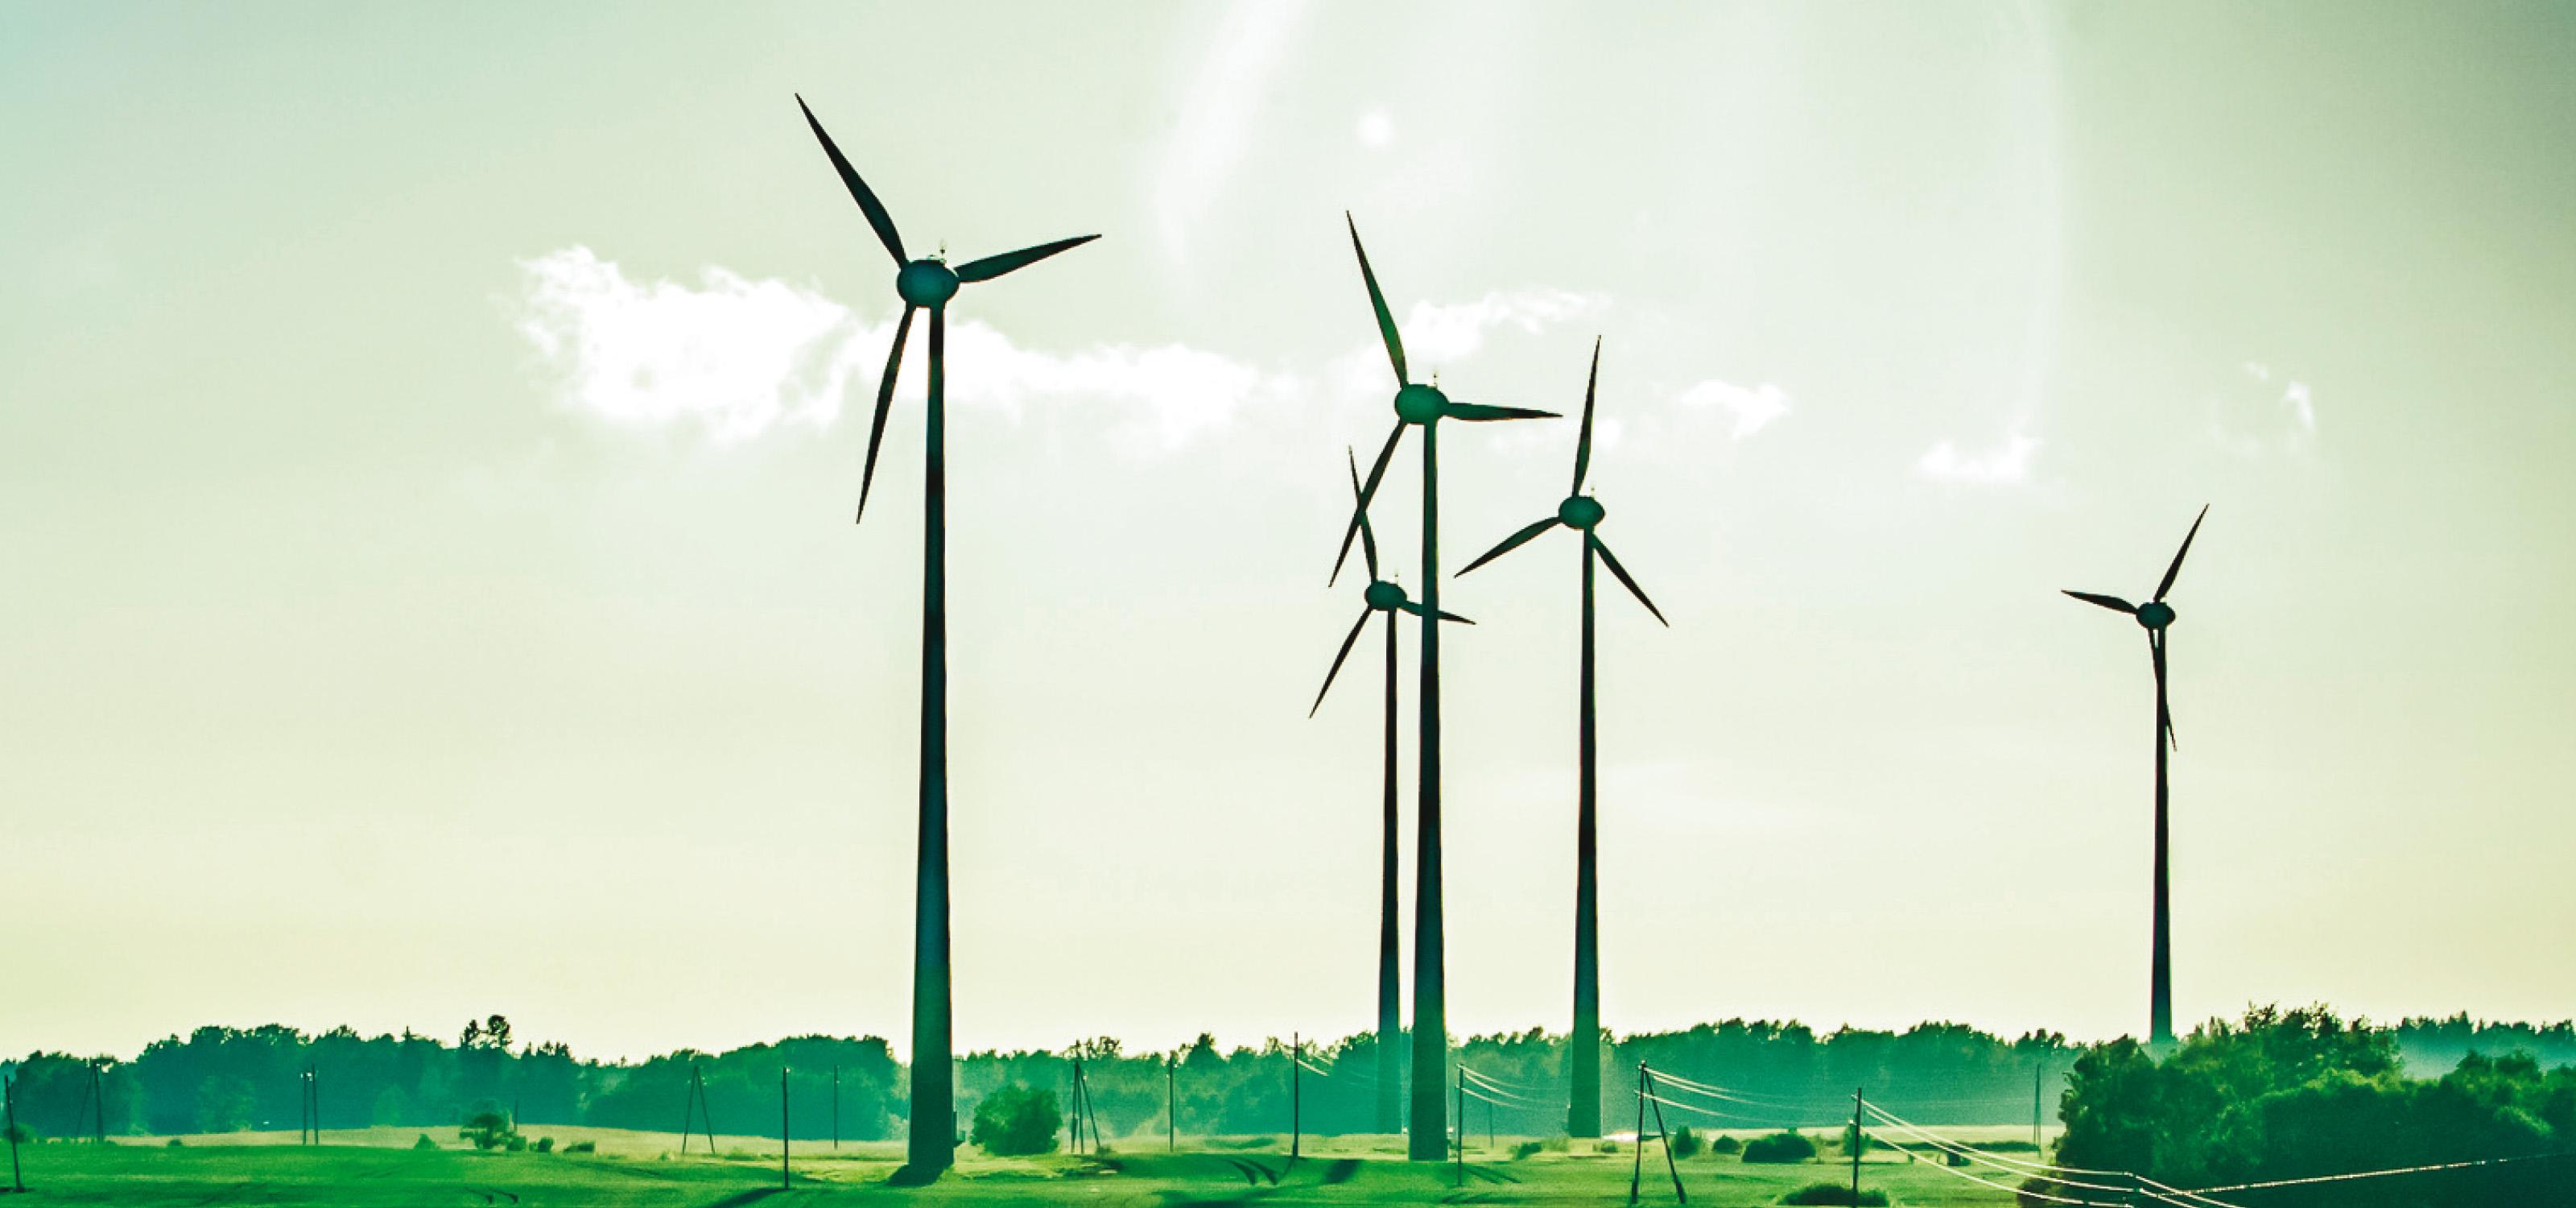 SEK Svensk Elstandard är utsedd av regeringen att ansvara för all standardisering inom det elektrotekniska området i Sverige.